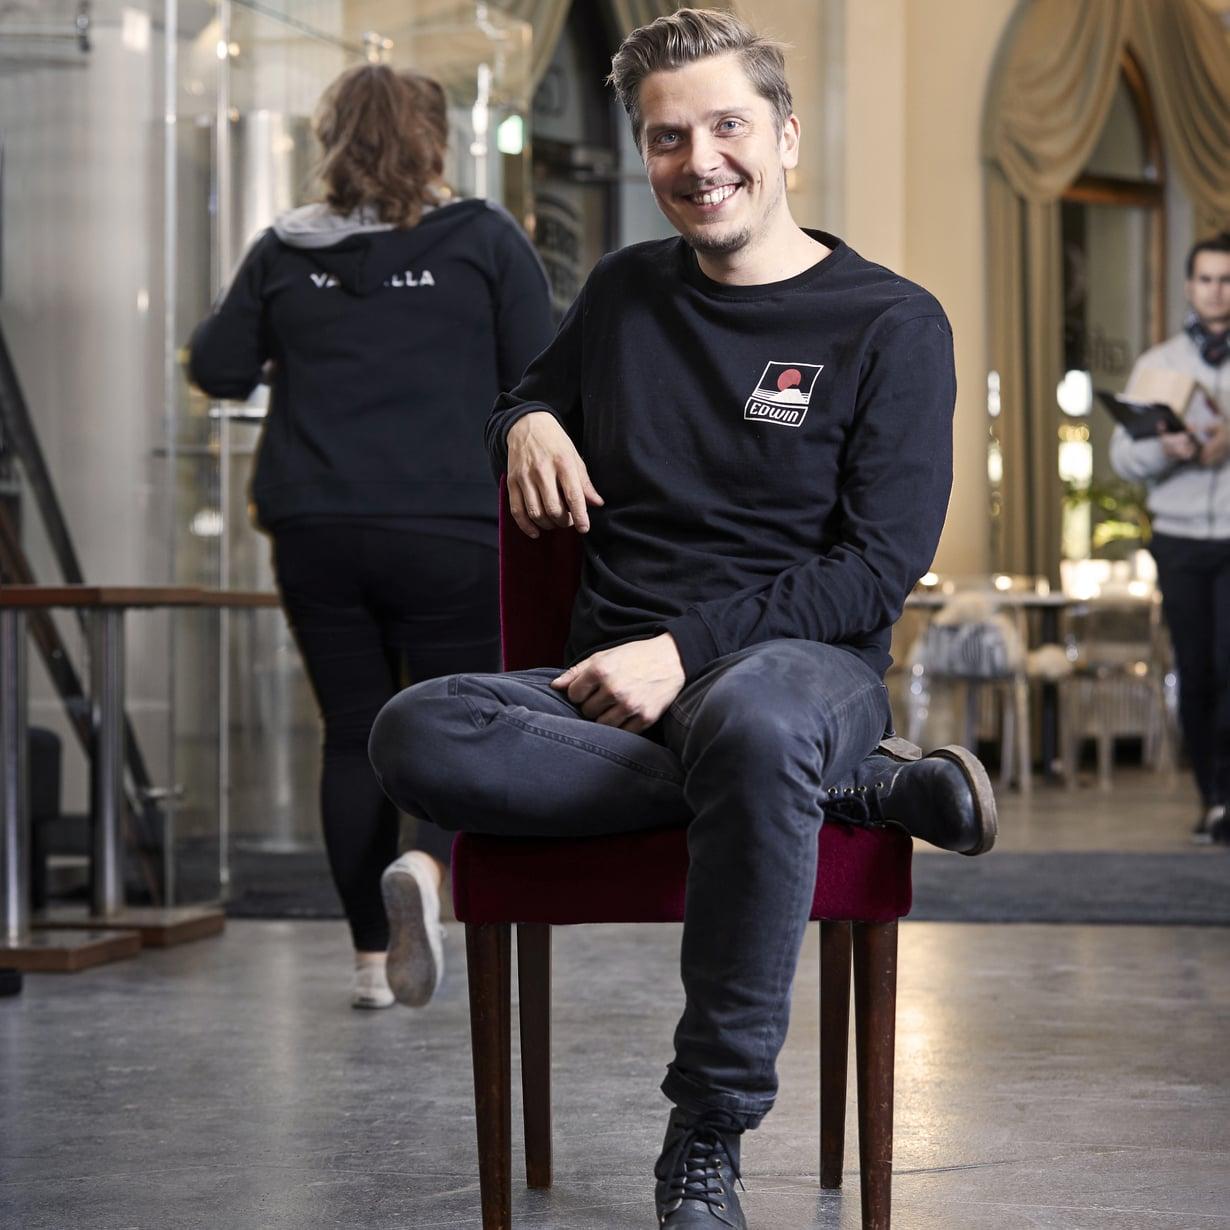 Eero Ritala rakastaa kahvia ja juo sitä jopa 15 kuppia päivässä. Kuva: Juha Salminen